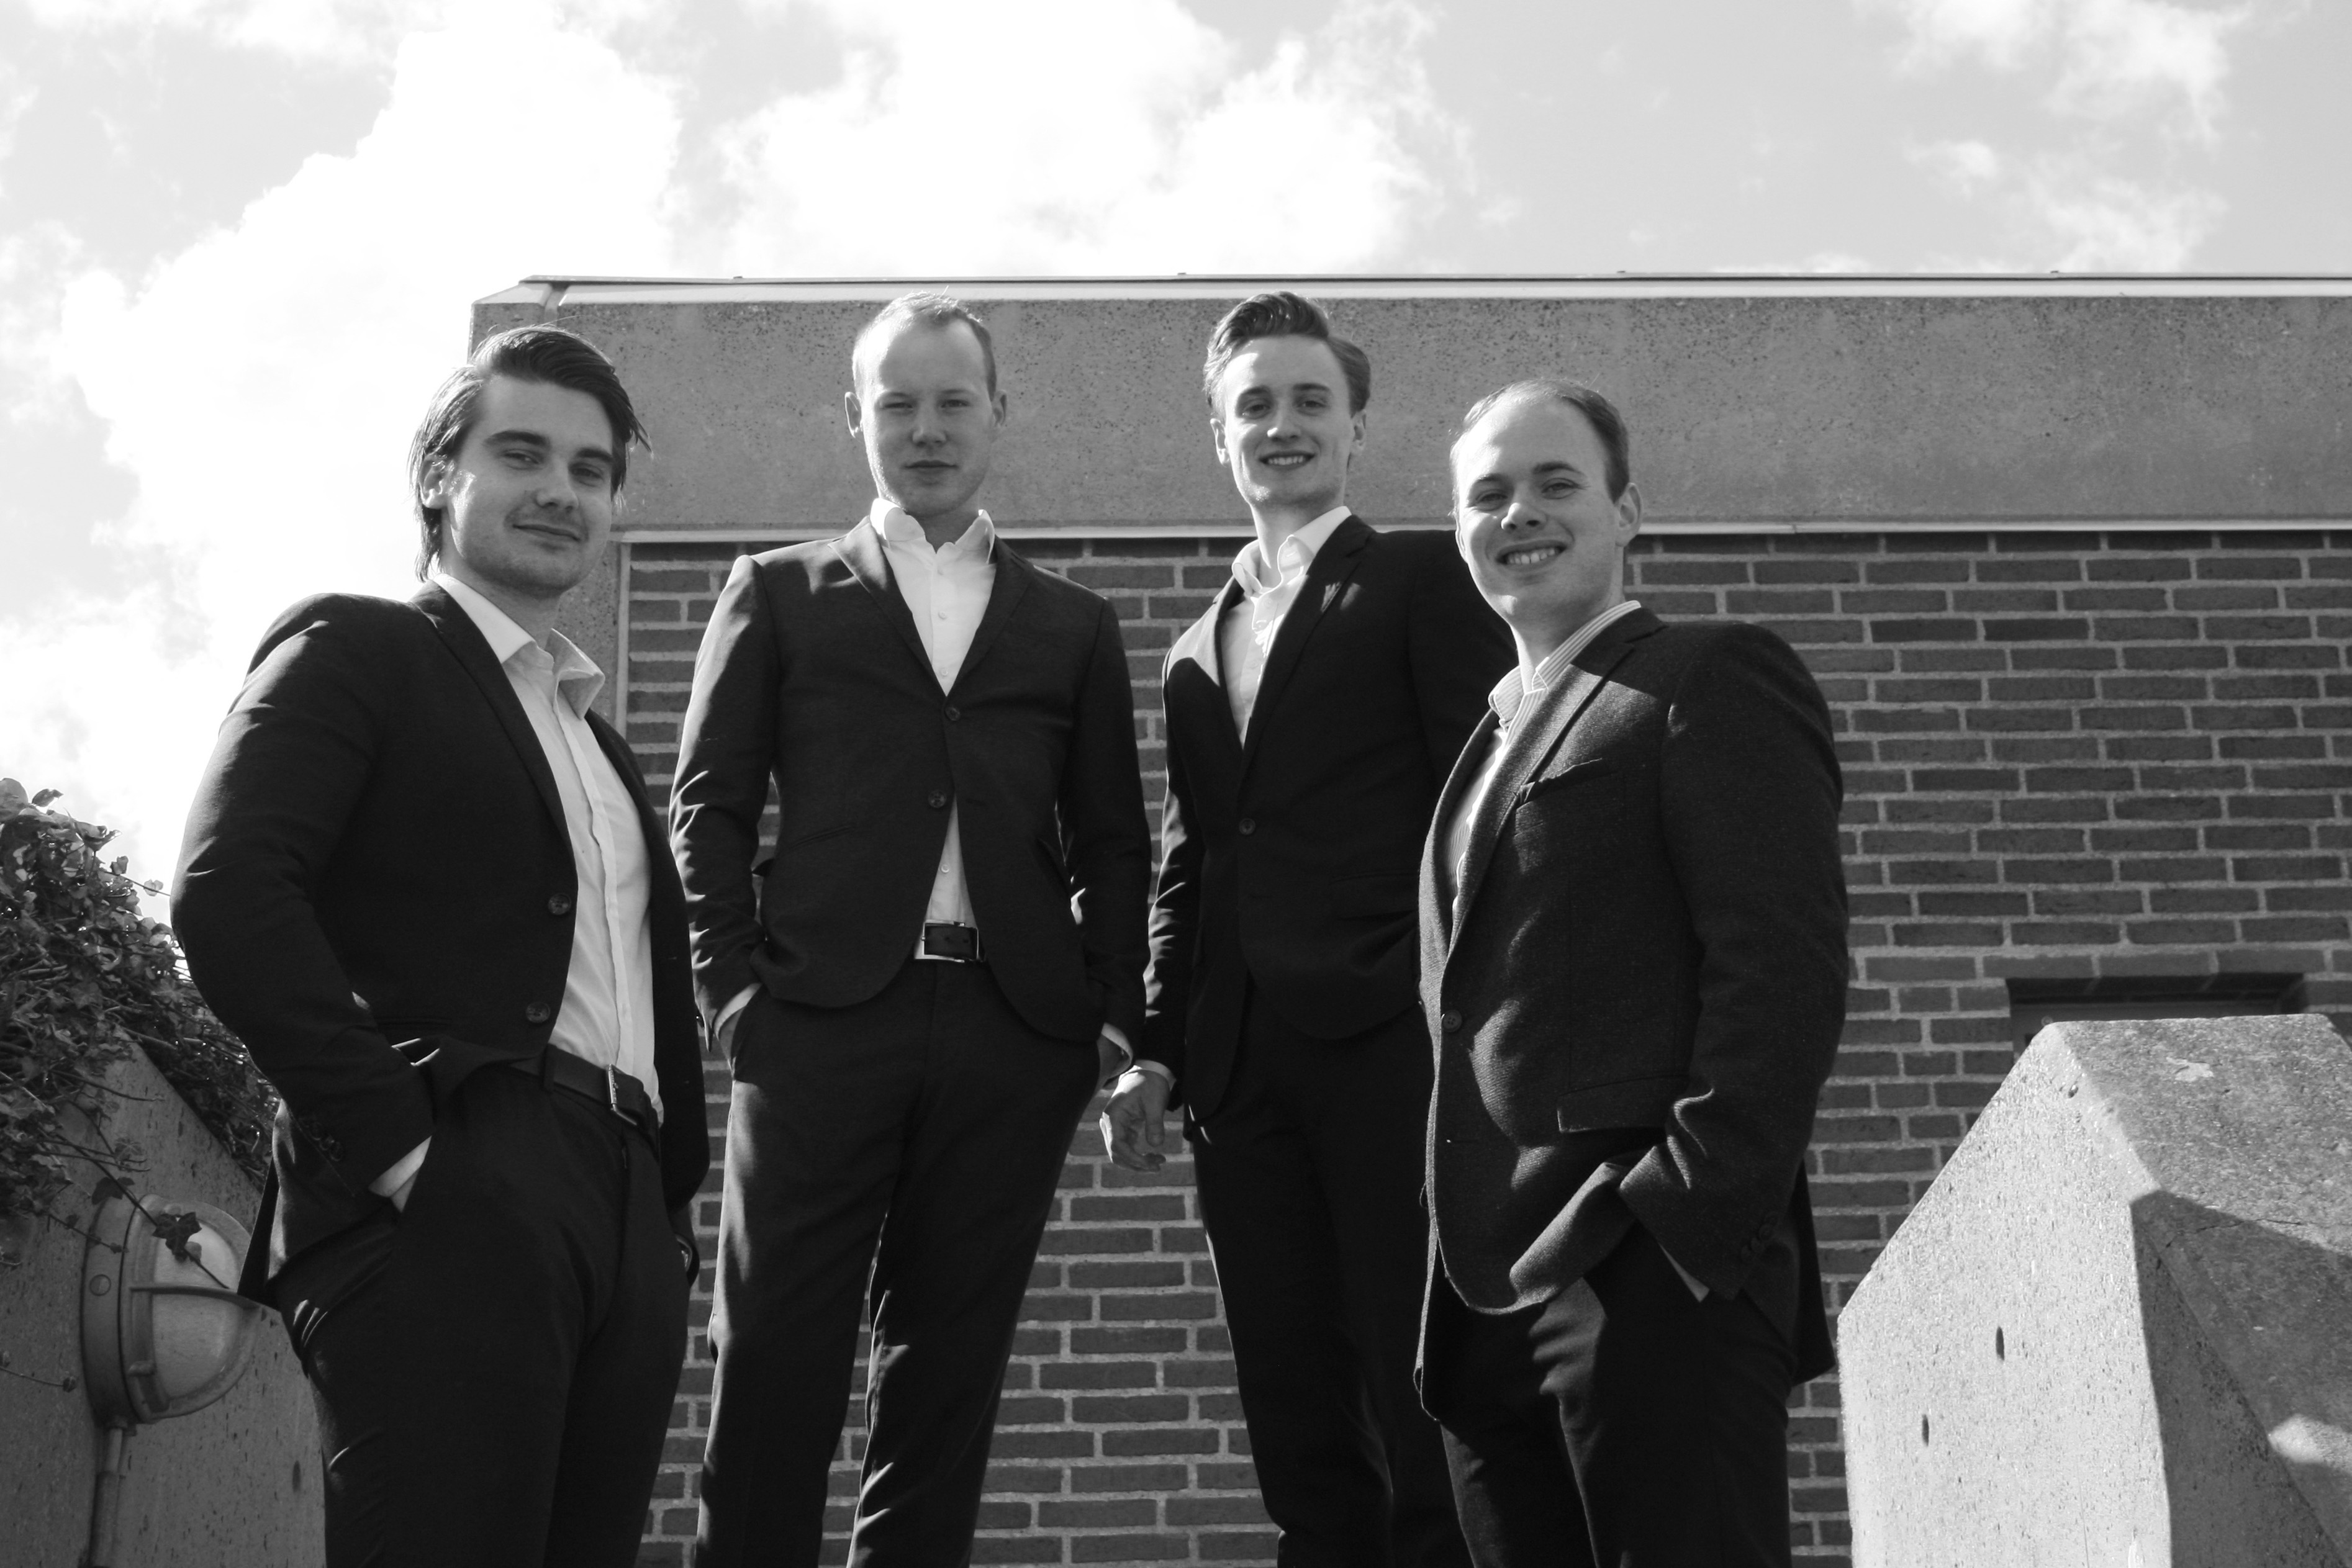 Kæmpe potentiale: Aalborg-iværksættere kommer lejere til undsætning